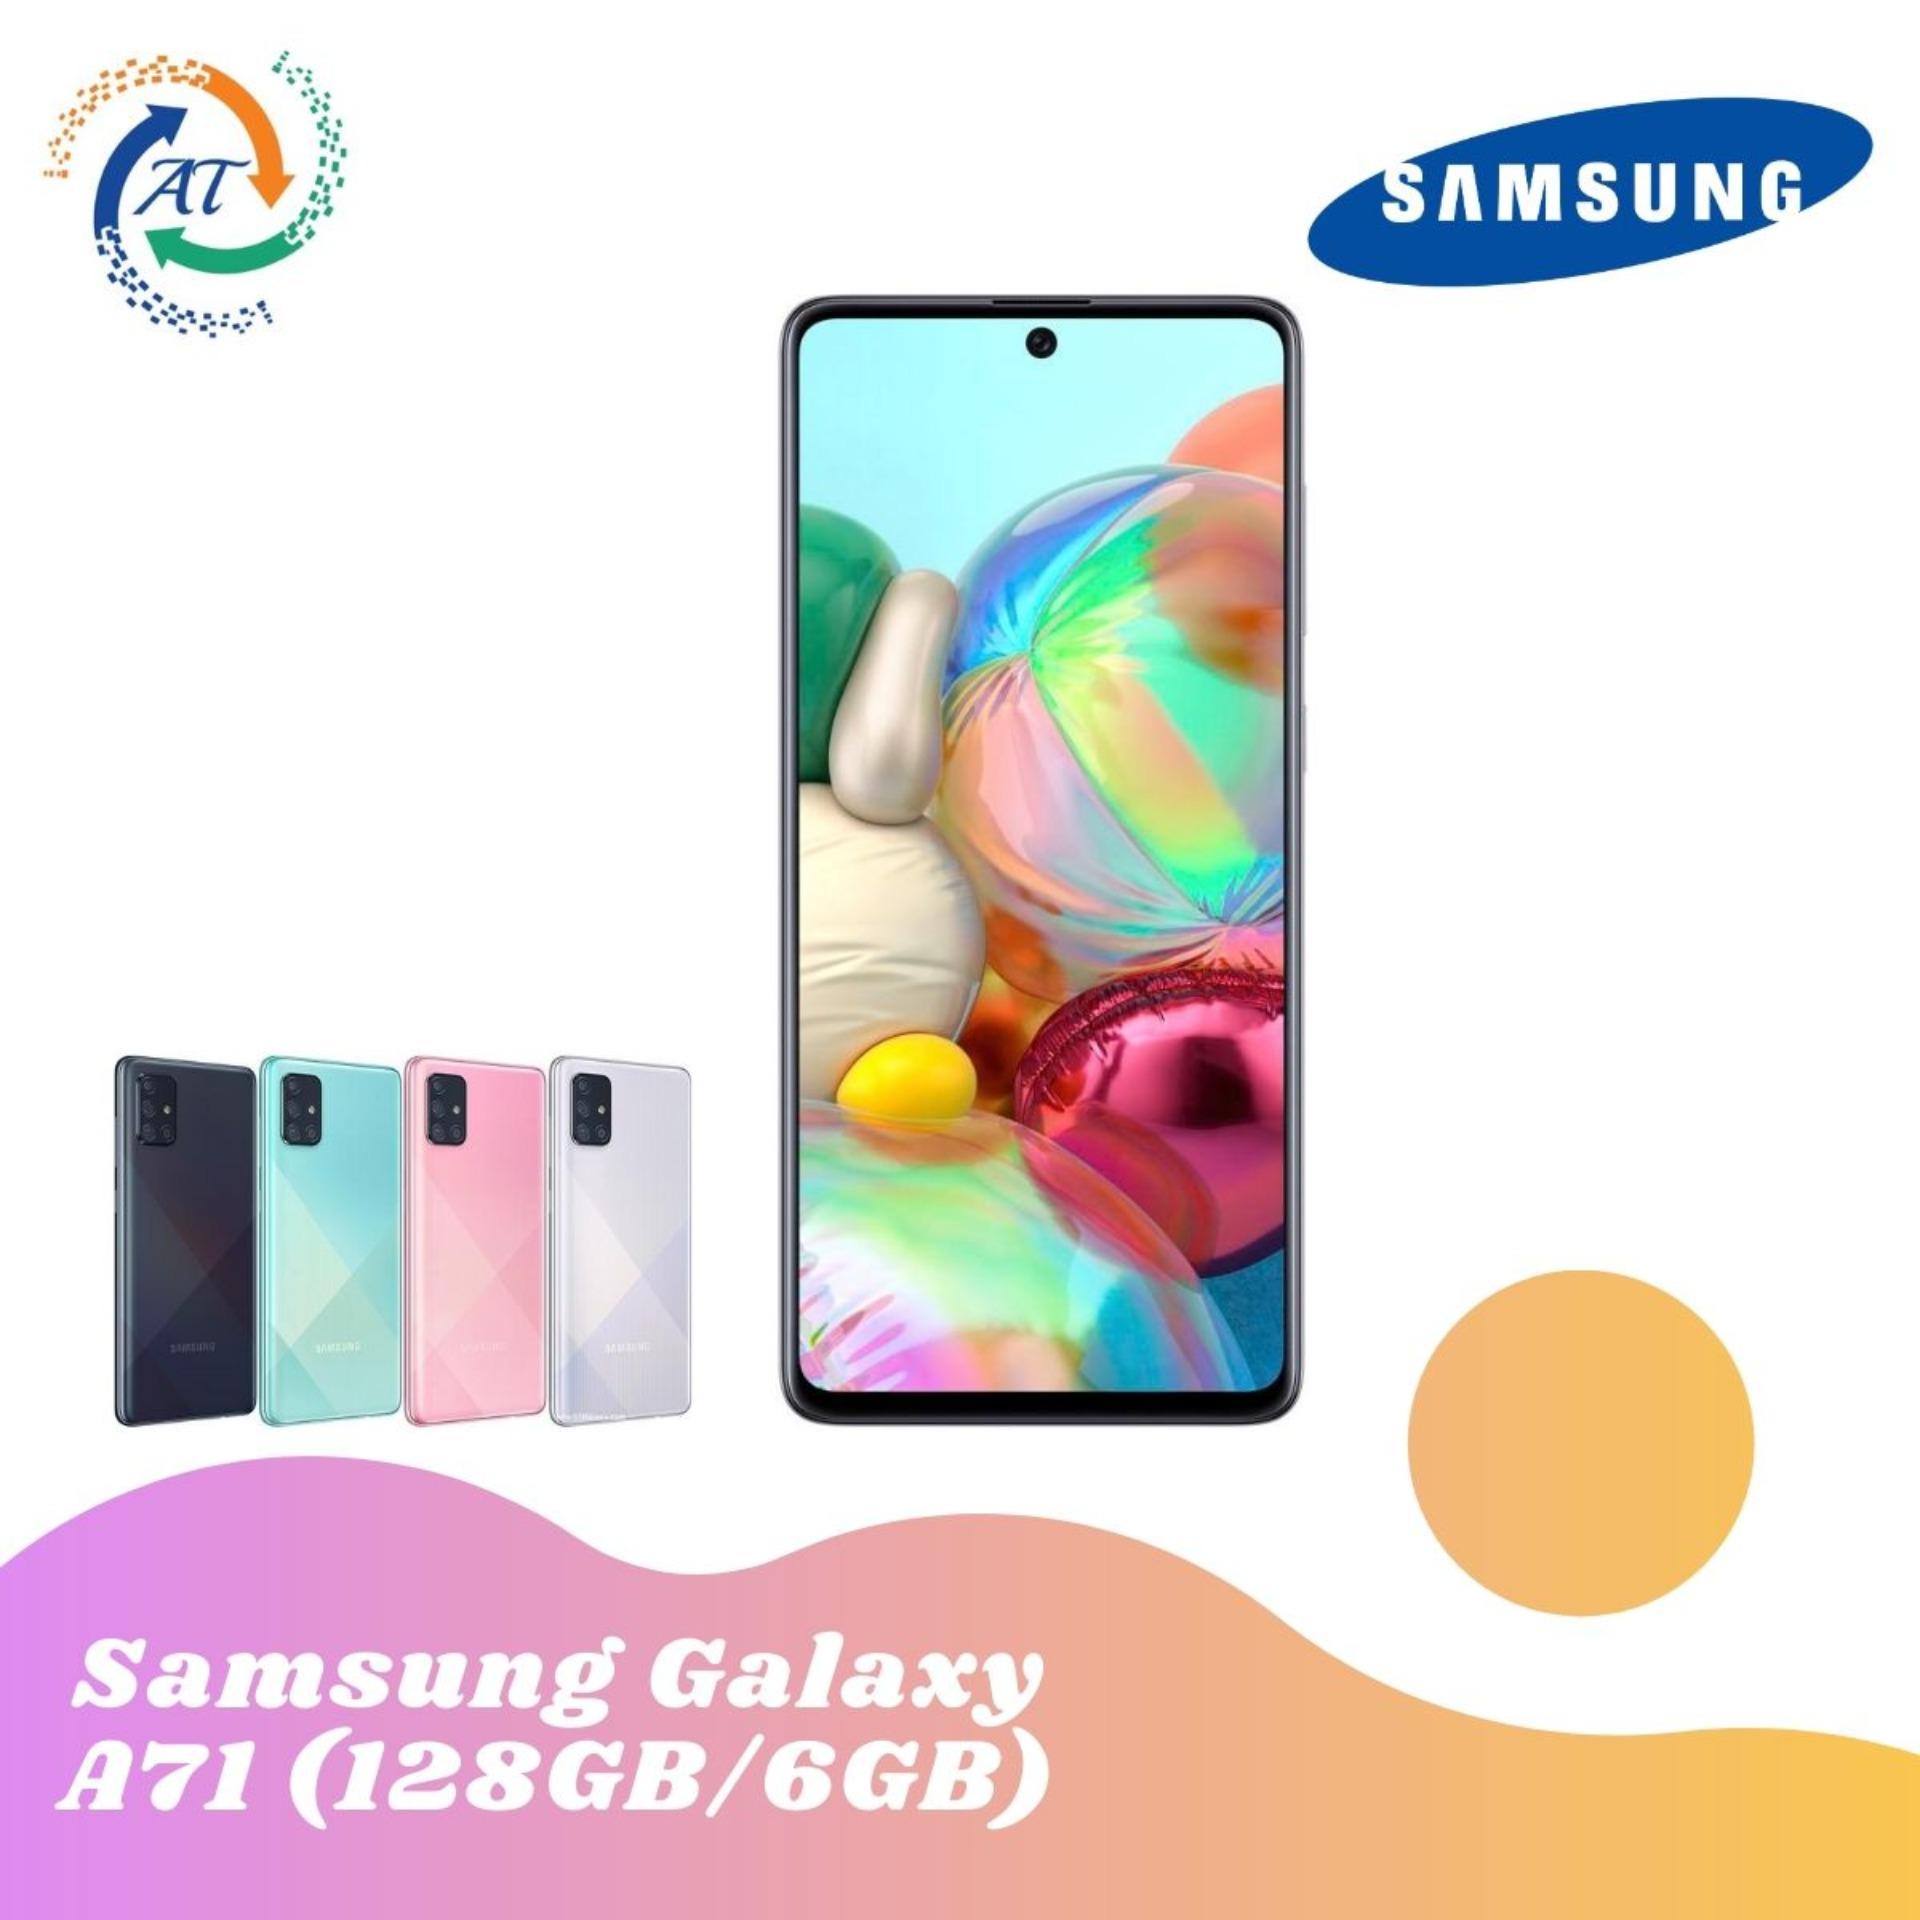 Điện Thoại Samsung Galaxy A71 (128GB/6GB) - Hàng Chính Hãng